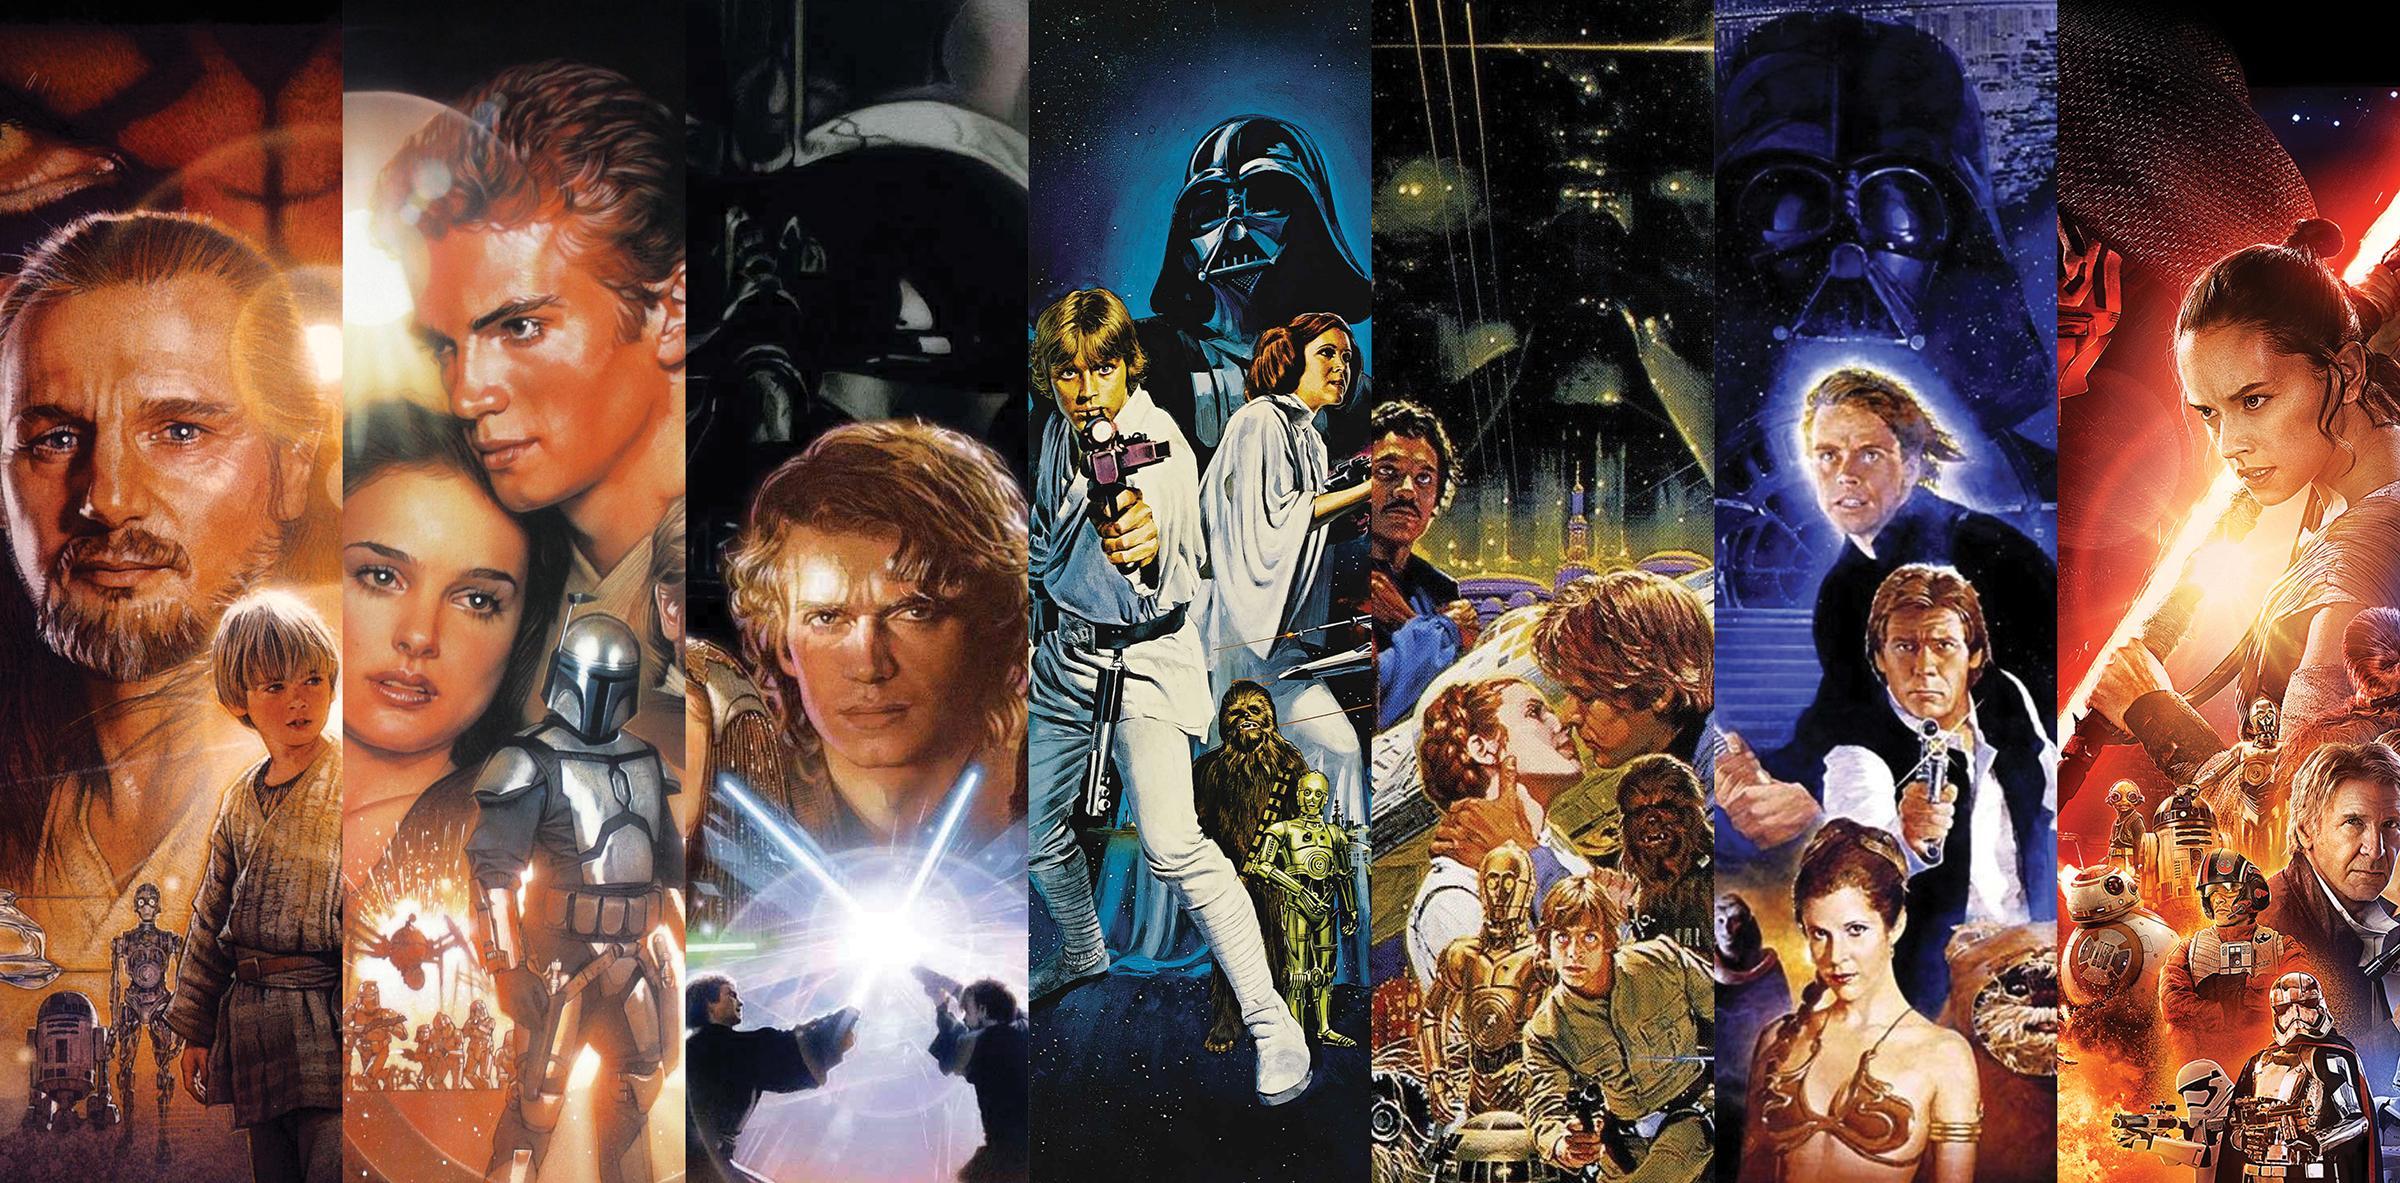 Star Wars Movie Poster Art